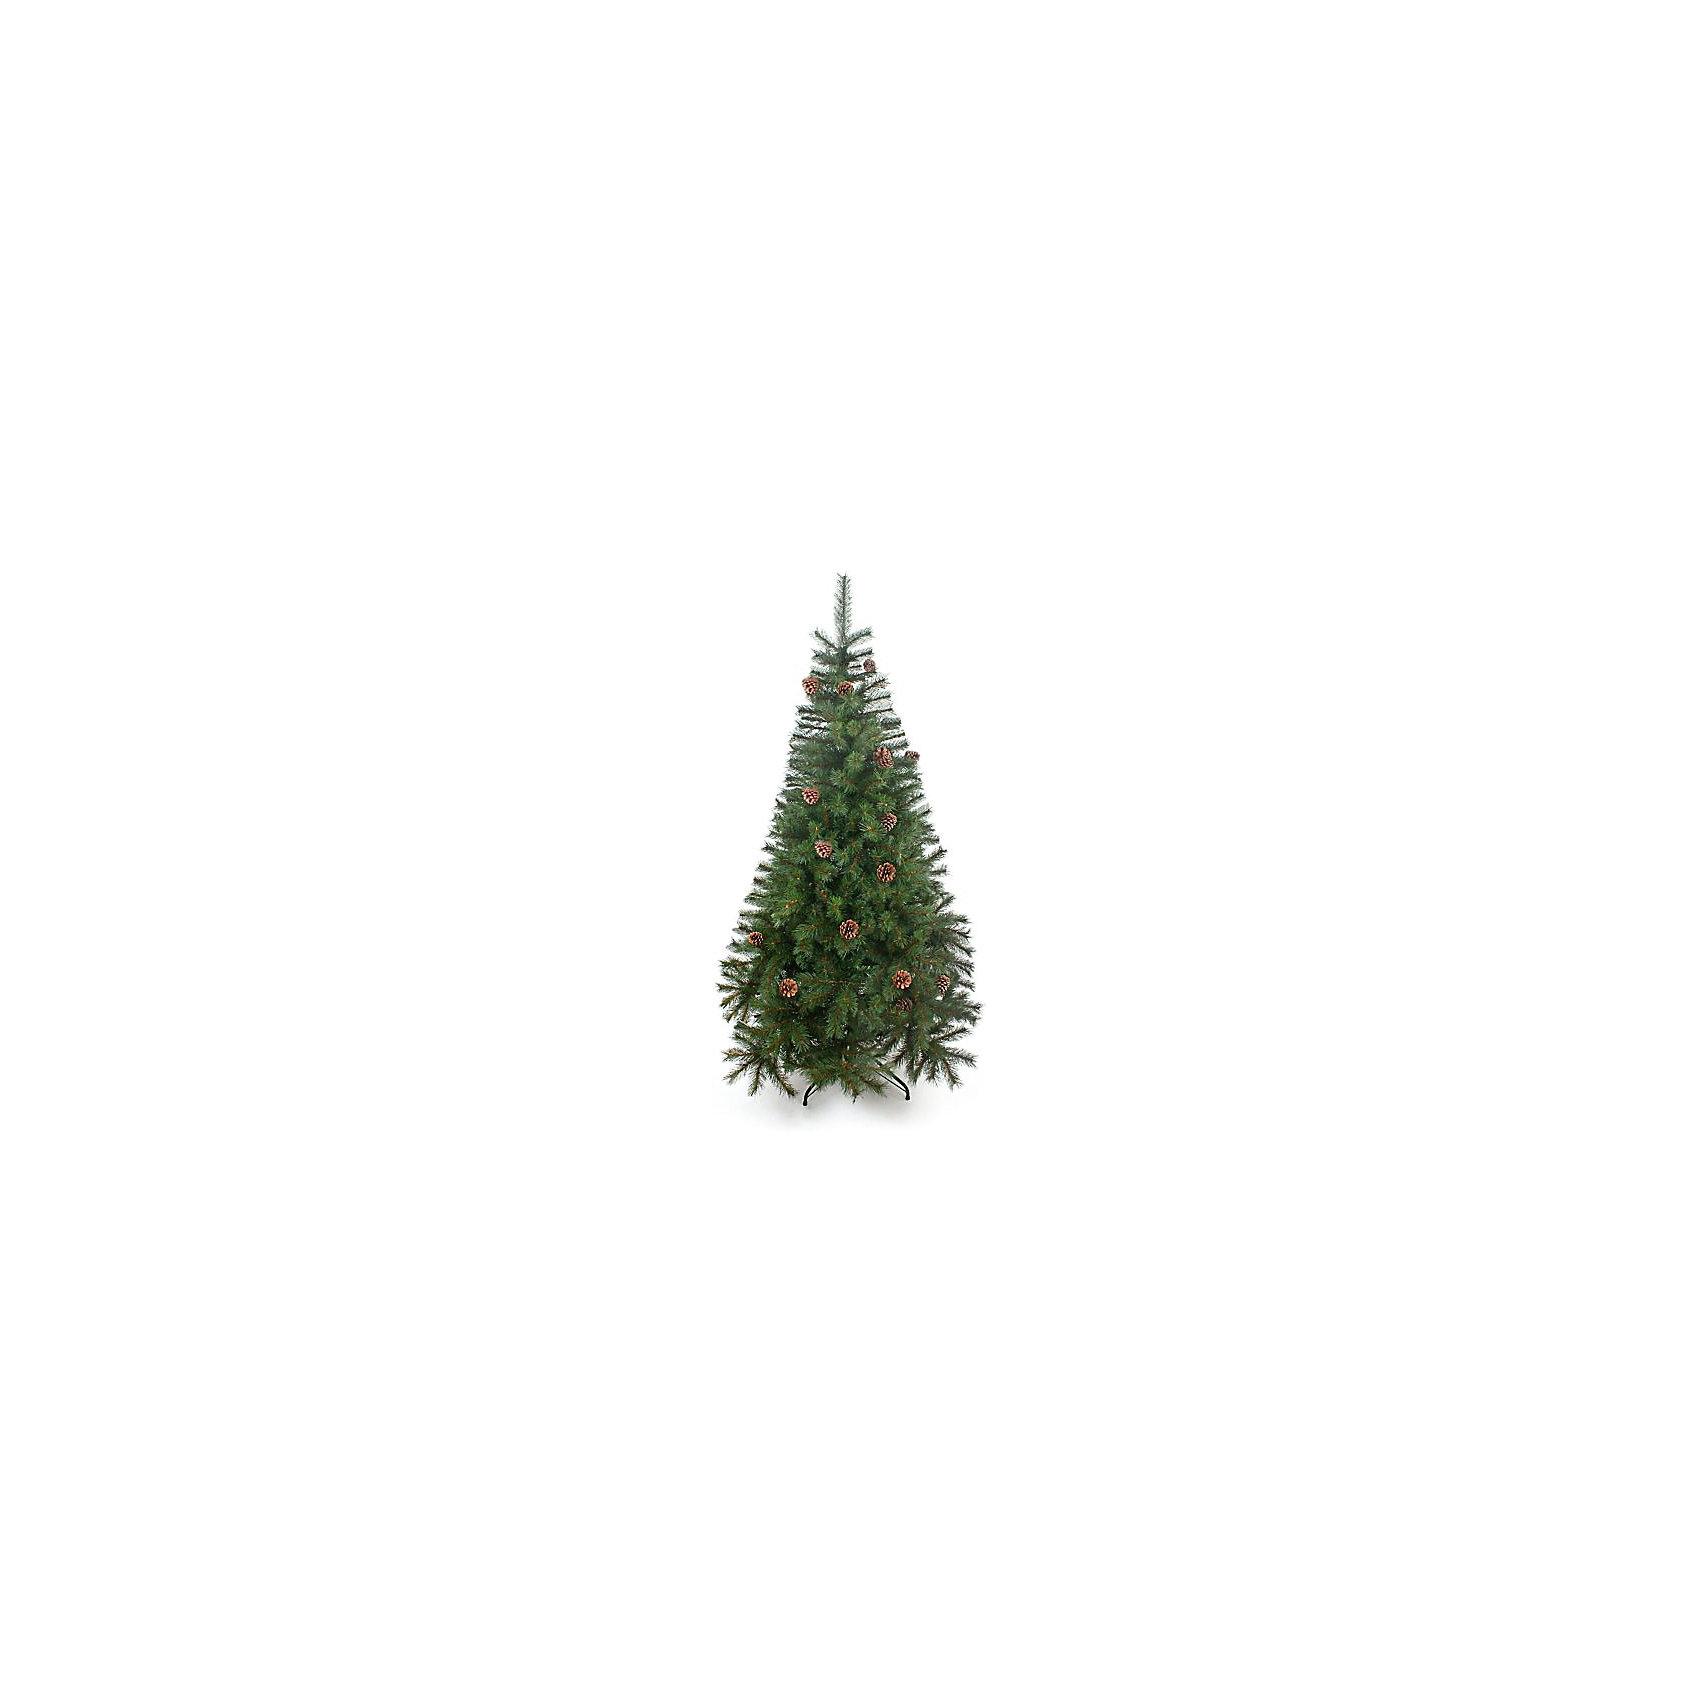 Венская ель с шишками 120 смМатериал - ветви из лески. Тип иглы сосна - 3,8 см+ 3,3 см. 2 секции, 238 веточек, диаметр нижней кроны 76,2 см. Подставка - пластик. Натуральные шишки. Комбинация двух цветовых оттенков, легкий просвет иммитации древесины веточки - все это выглядит потрясающе натурально. Густая пушистая крона. При сборке стоит только собрать секции, распрямить ветви и распушить их.<br><br>Ширина мм: 770<br>Глубина мм: 290<br>Высота мм: 230<br>Вес г: 4<br>Возраст от месяцев: 72<br>Возраст до месяцев: 540<br>Пол: Унисекс<br>Возраст: Детский<br>SKU: 5171932